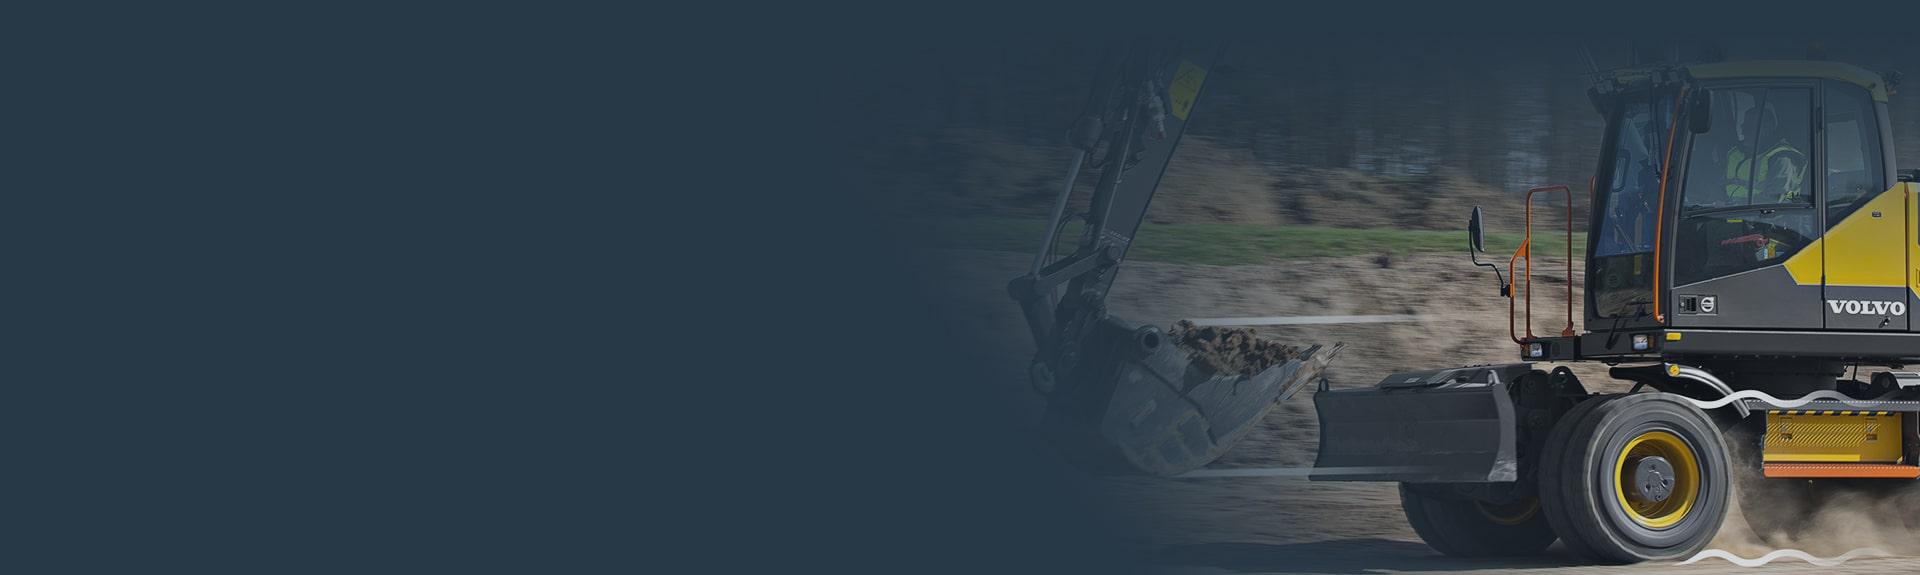 Used Wheel Excavators for Sale